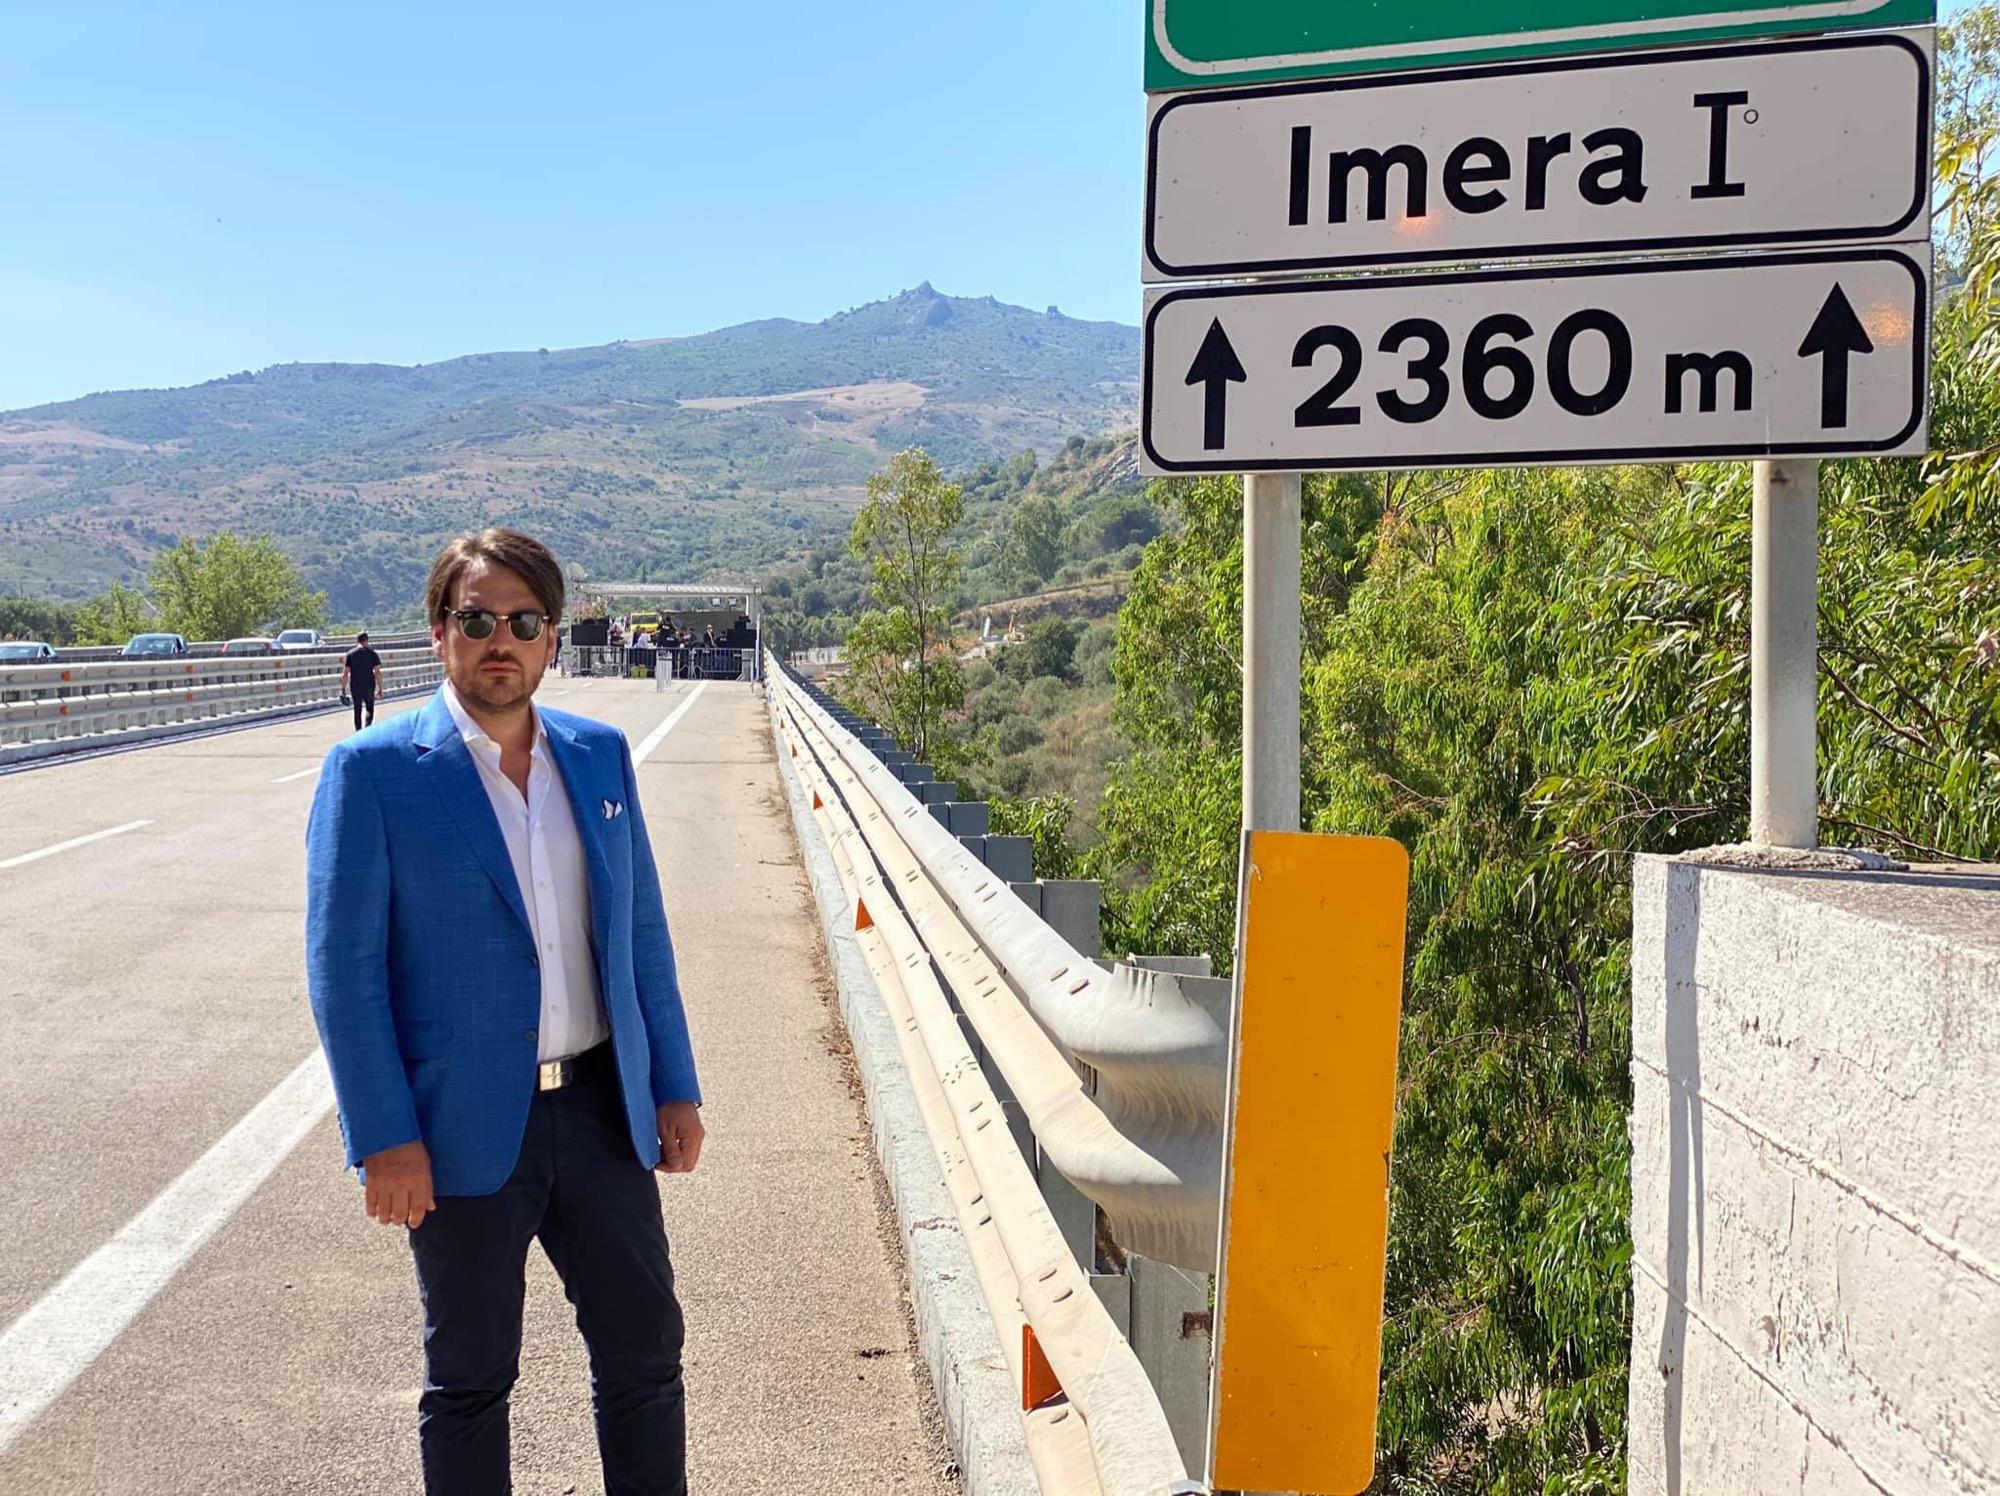 Inaugurazione del ponte Himera